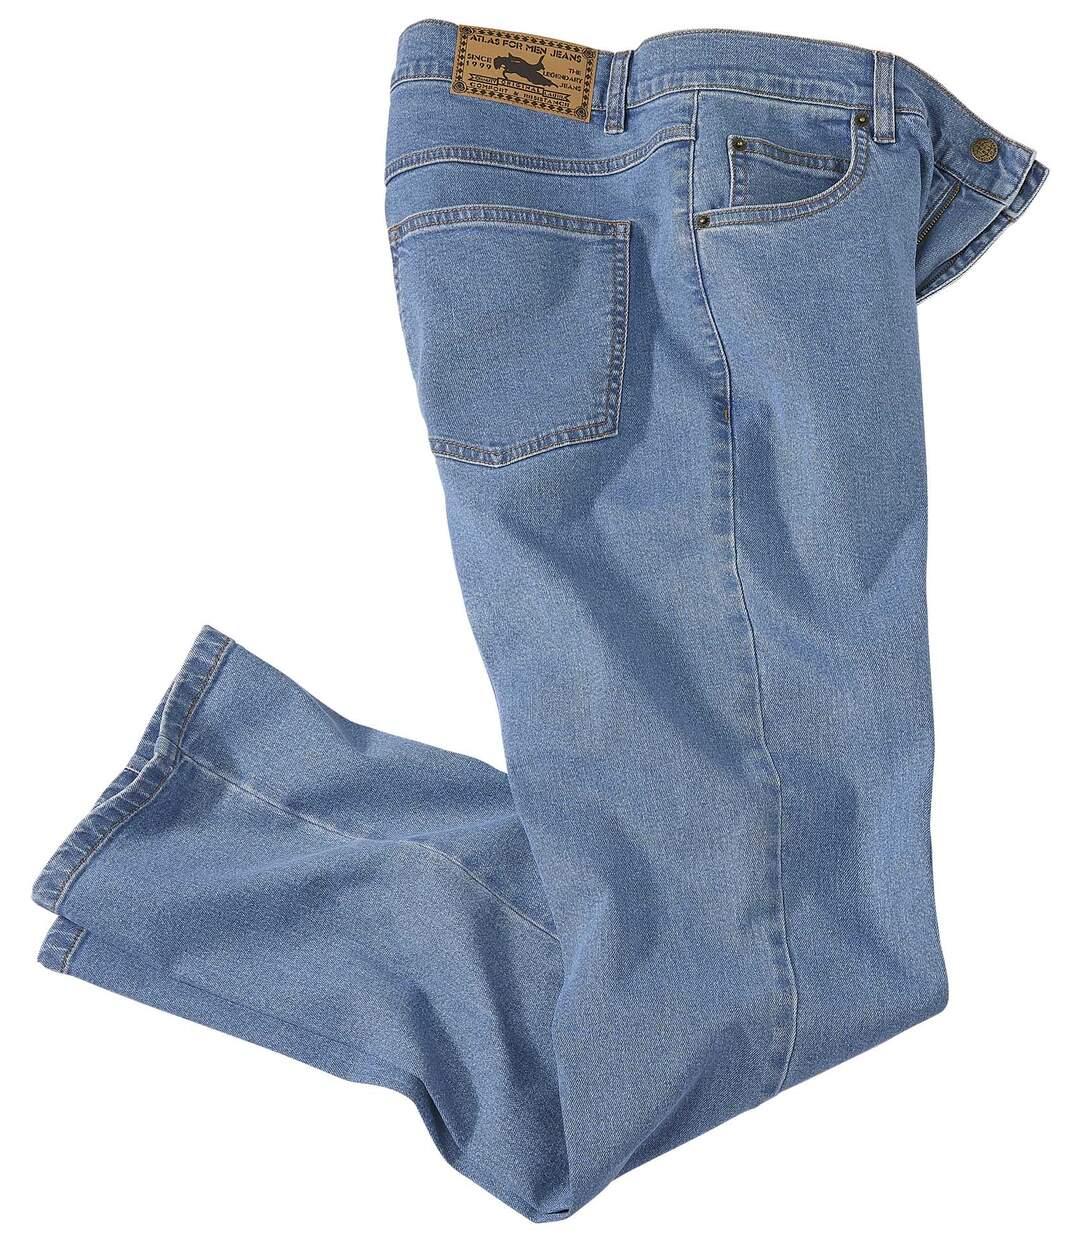 Jasnoniebieskie wygodne dżinsy ze stretchem